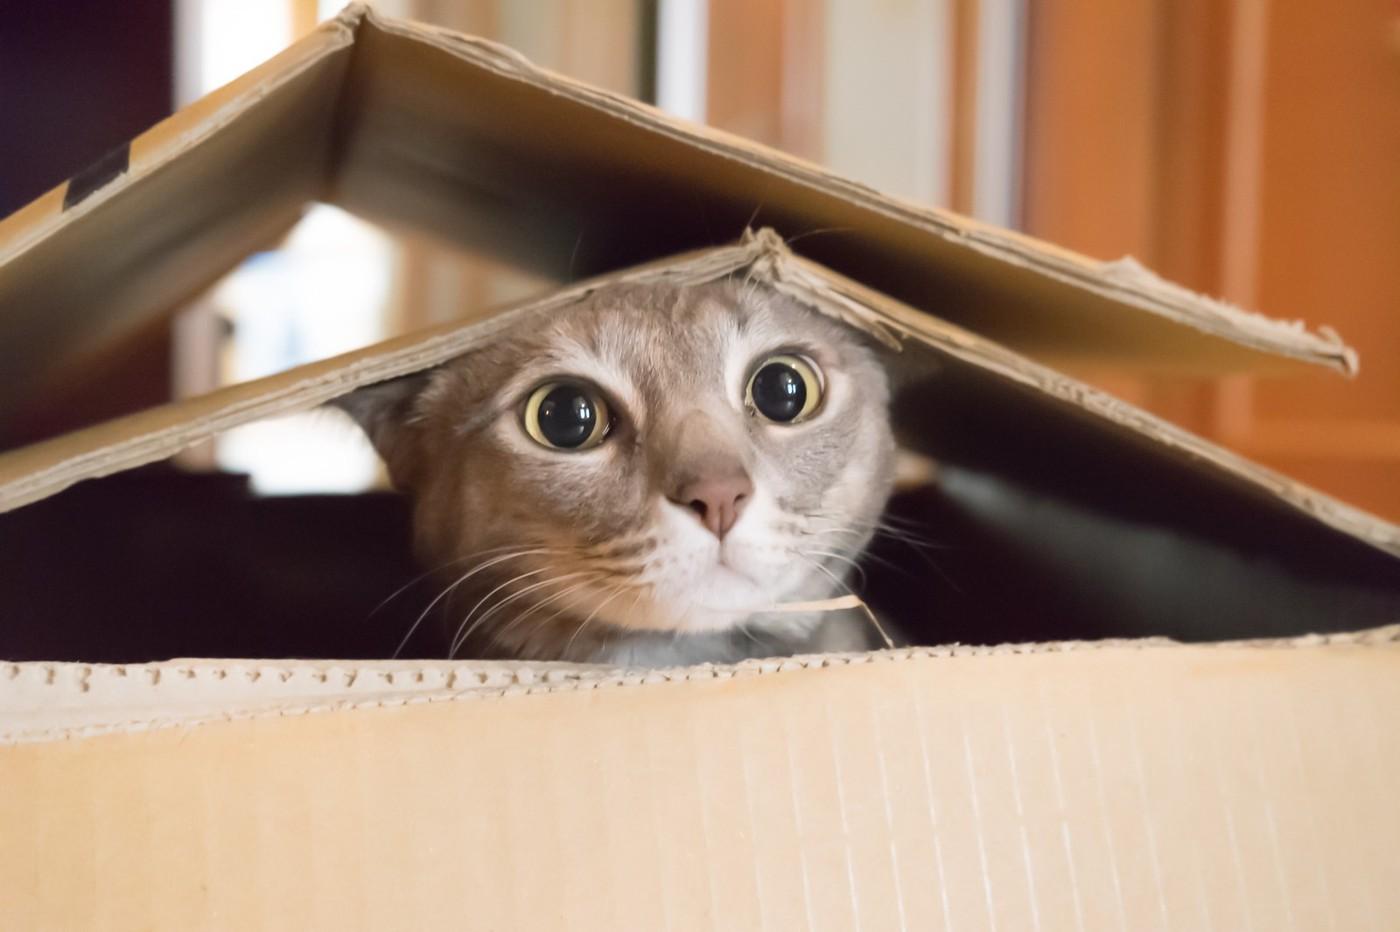 數據圖表拆解毛小孩商機!養貓人數居然輸給牠、寵物用品市佔第一電商是哪家?